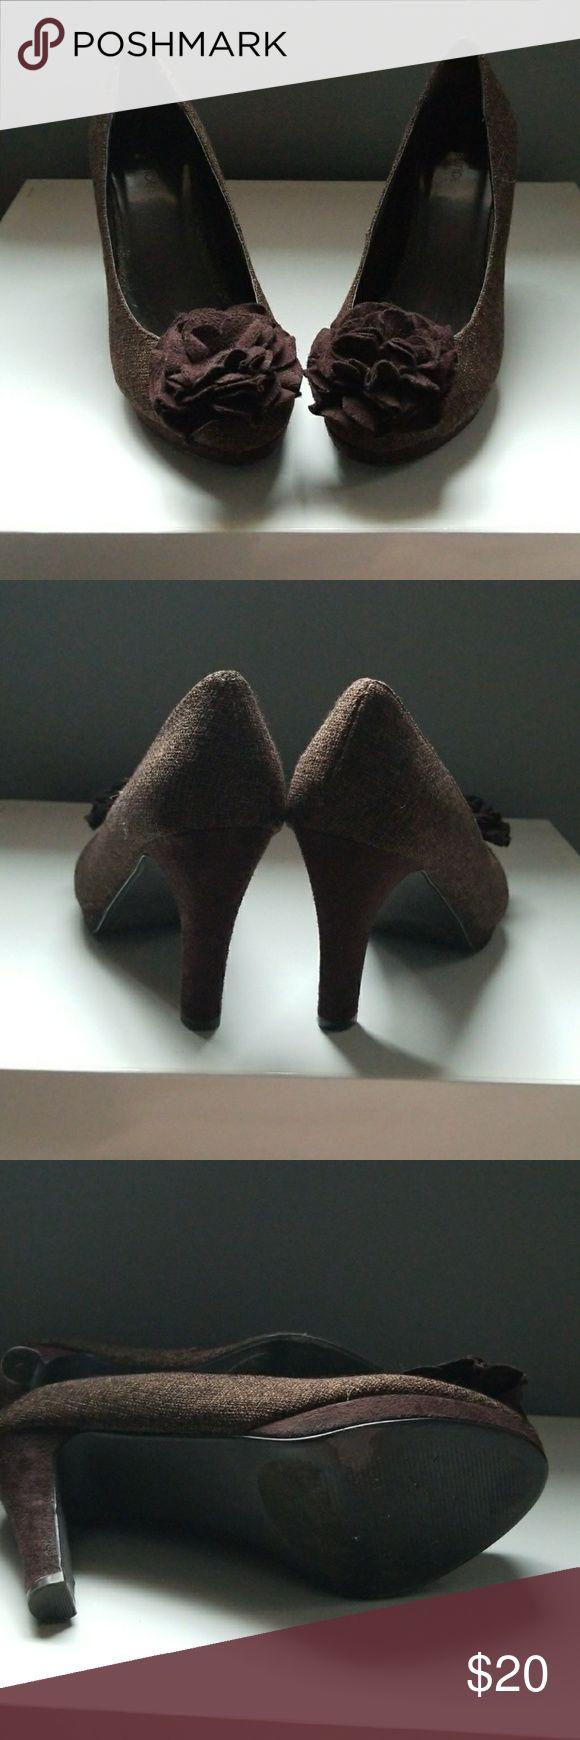 Brown Tweed Slight Platform Pumps Brown Tweed Slight Platform Pumps  Size 9. About 3.5 inch heels an .5 inch platform. Maurices Shoes Heels